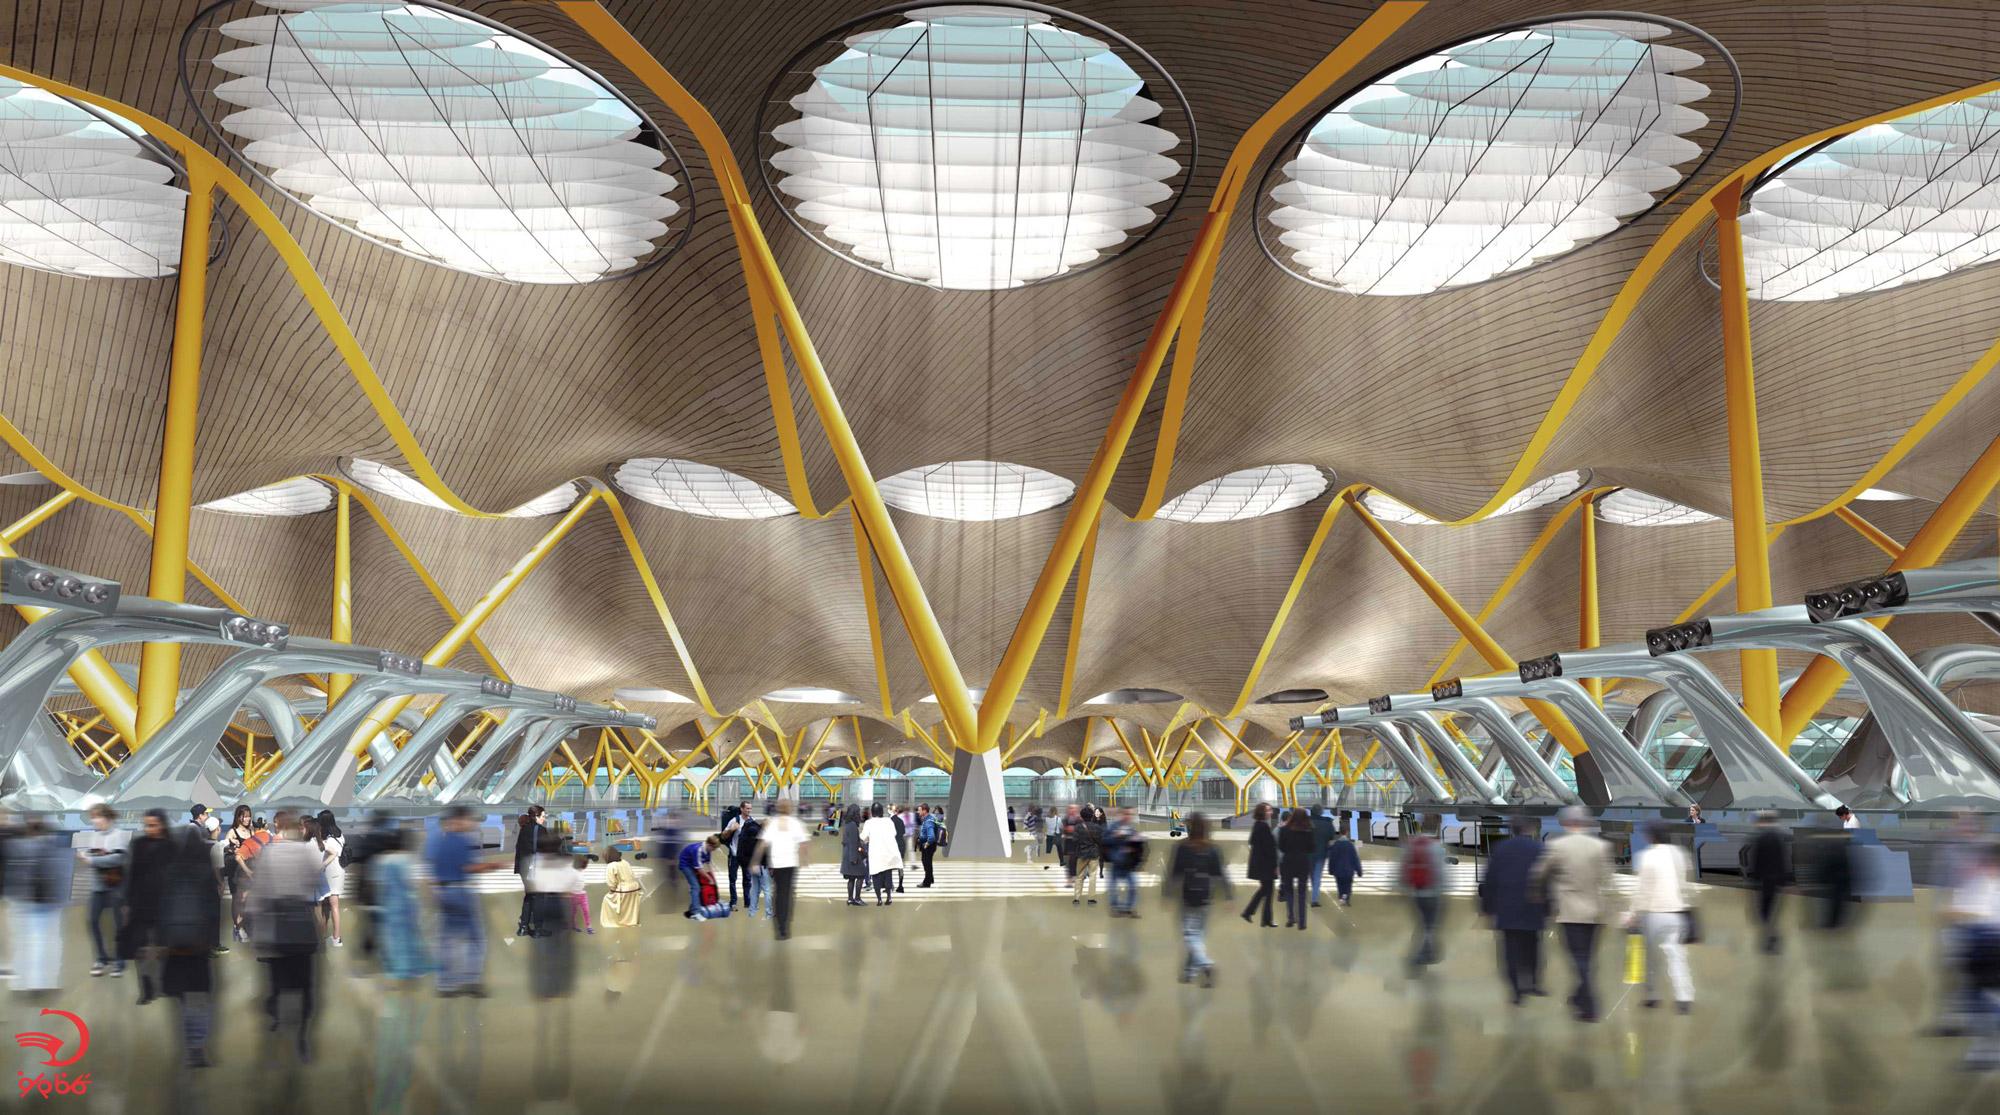 آشنایی با زیباترین فرودگاه های دنیا